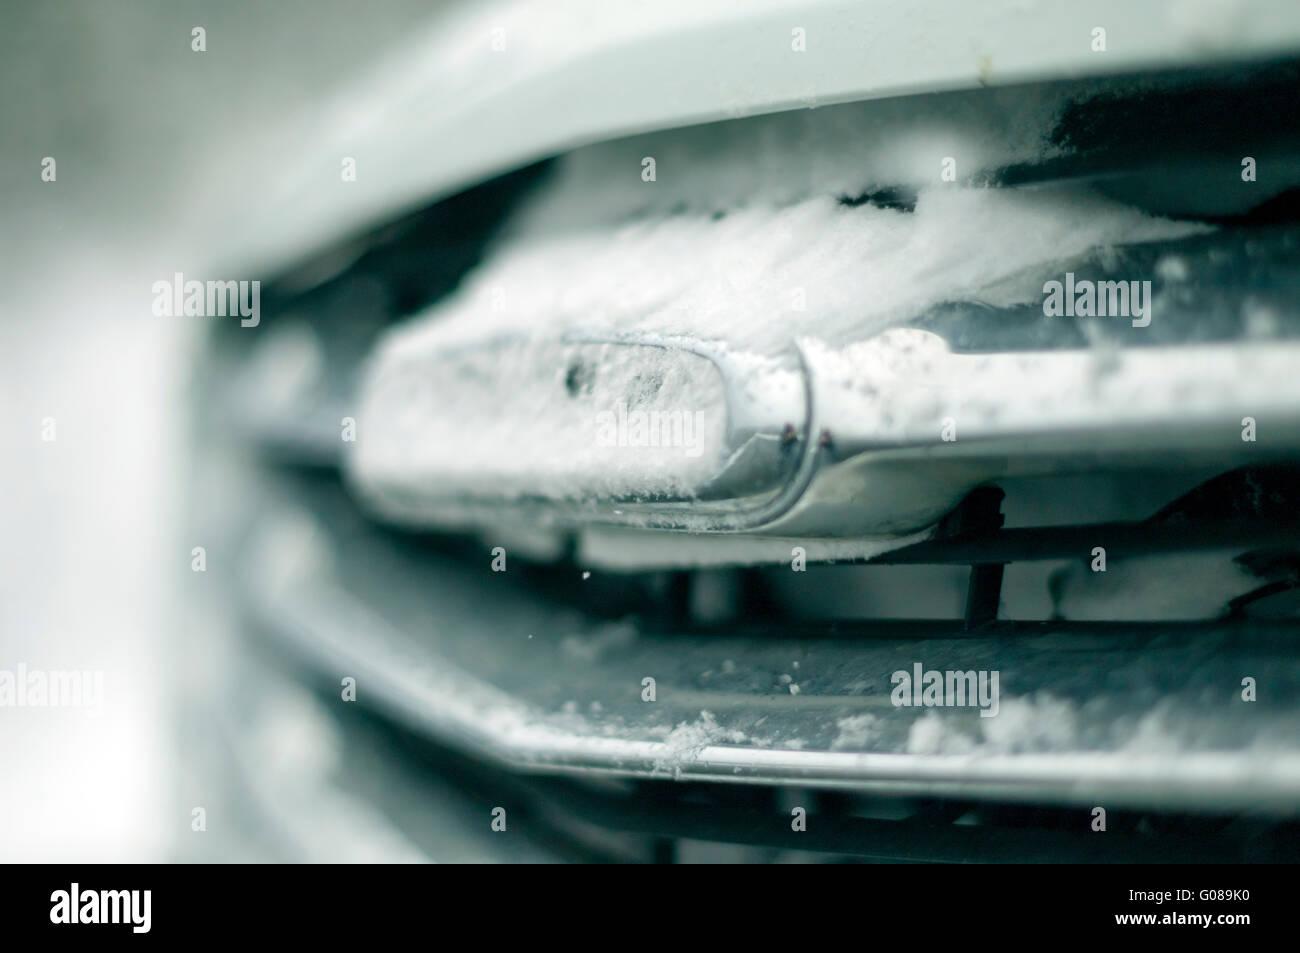 Le gril du Freightliner couvert de neige Photo Stock